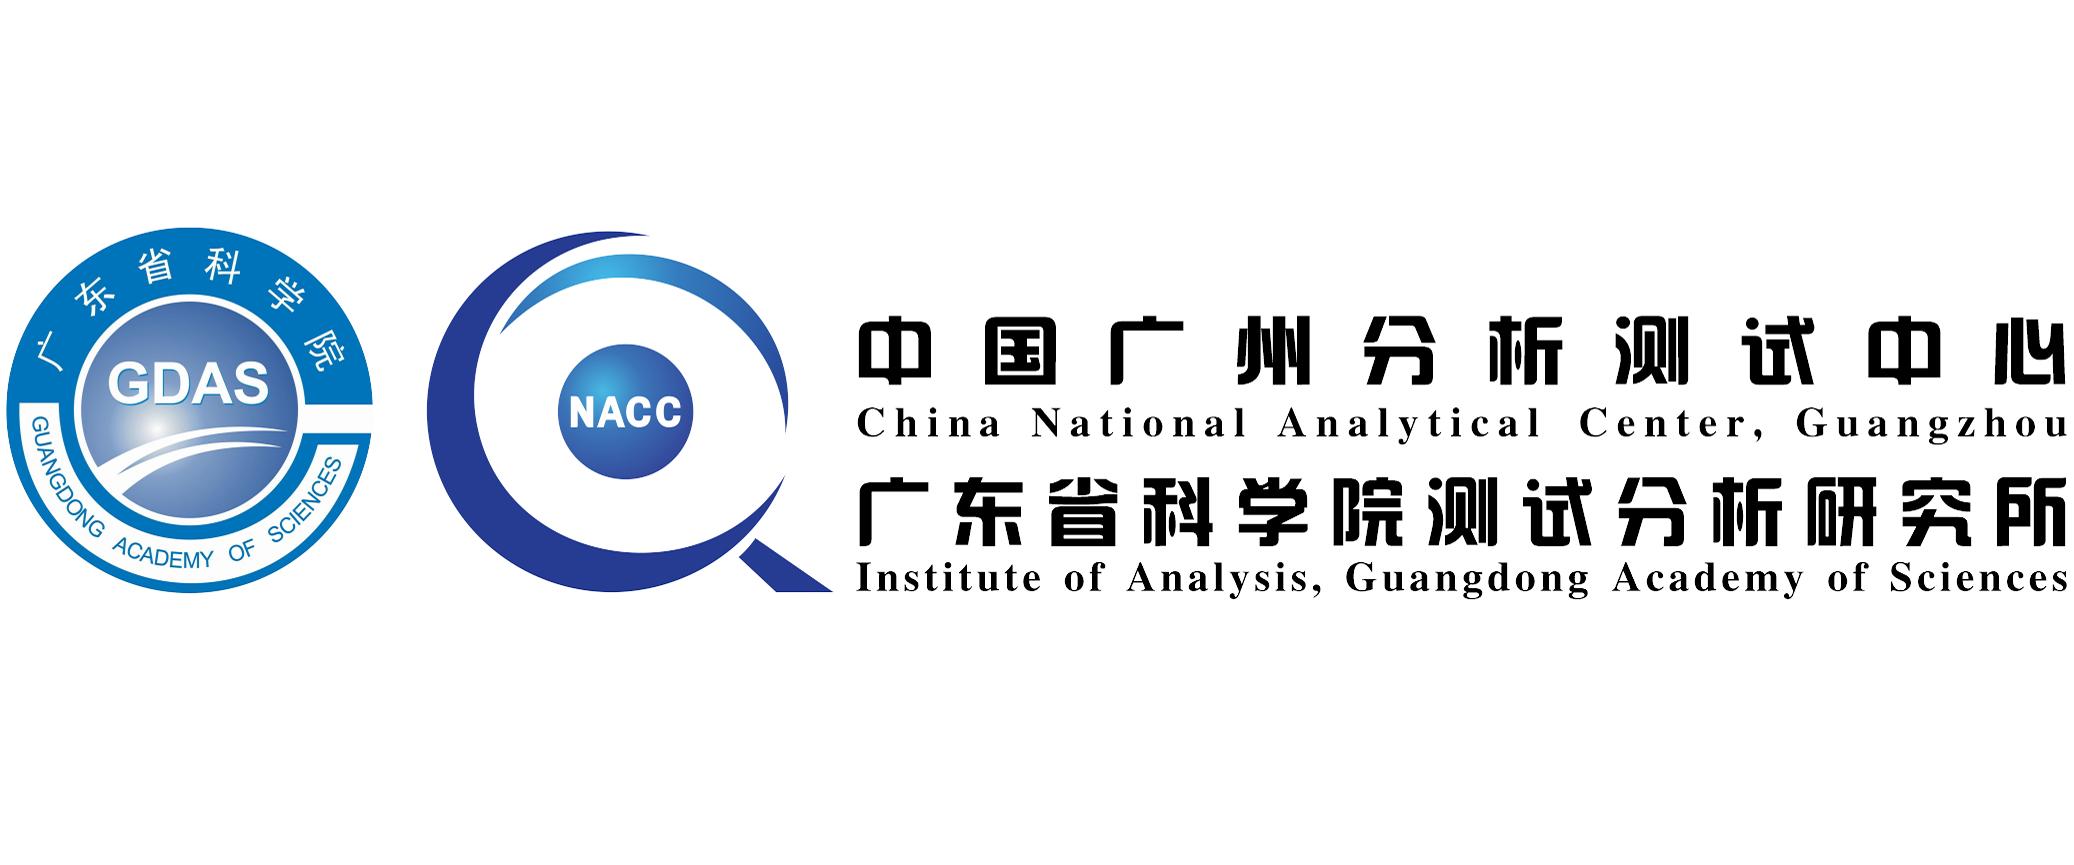 6中国广州分析测试中心